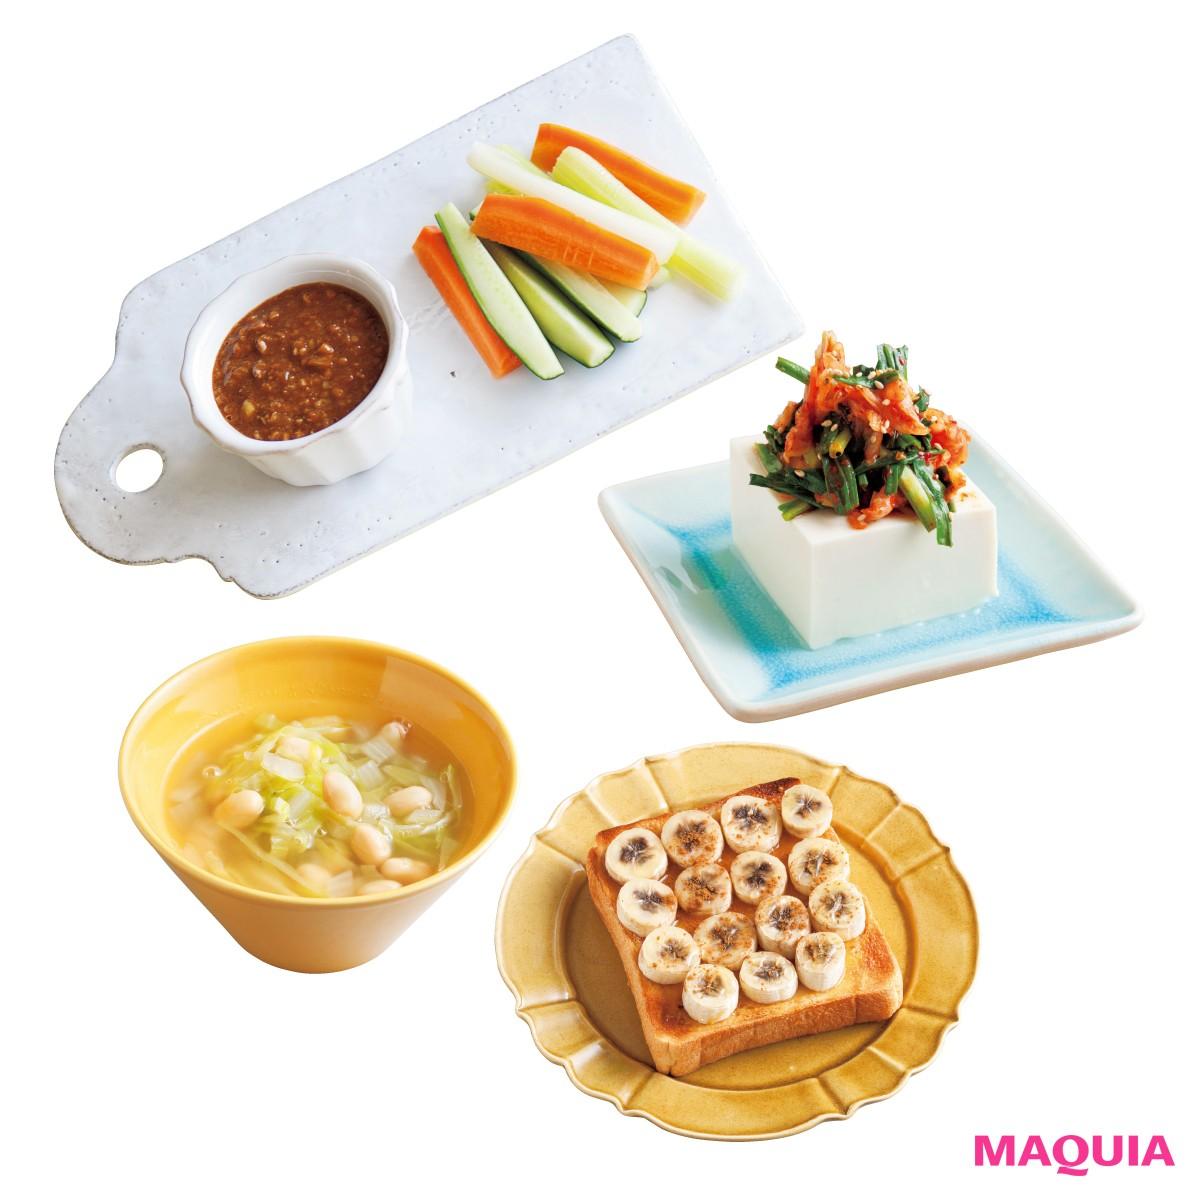 朝ごはんに◎! 簡単2ステップの美腸レシピ~納豆みそディップ、バナナトーストなど~